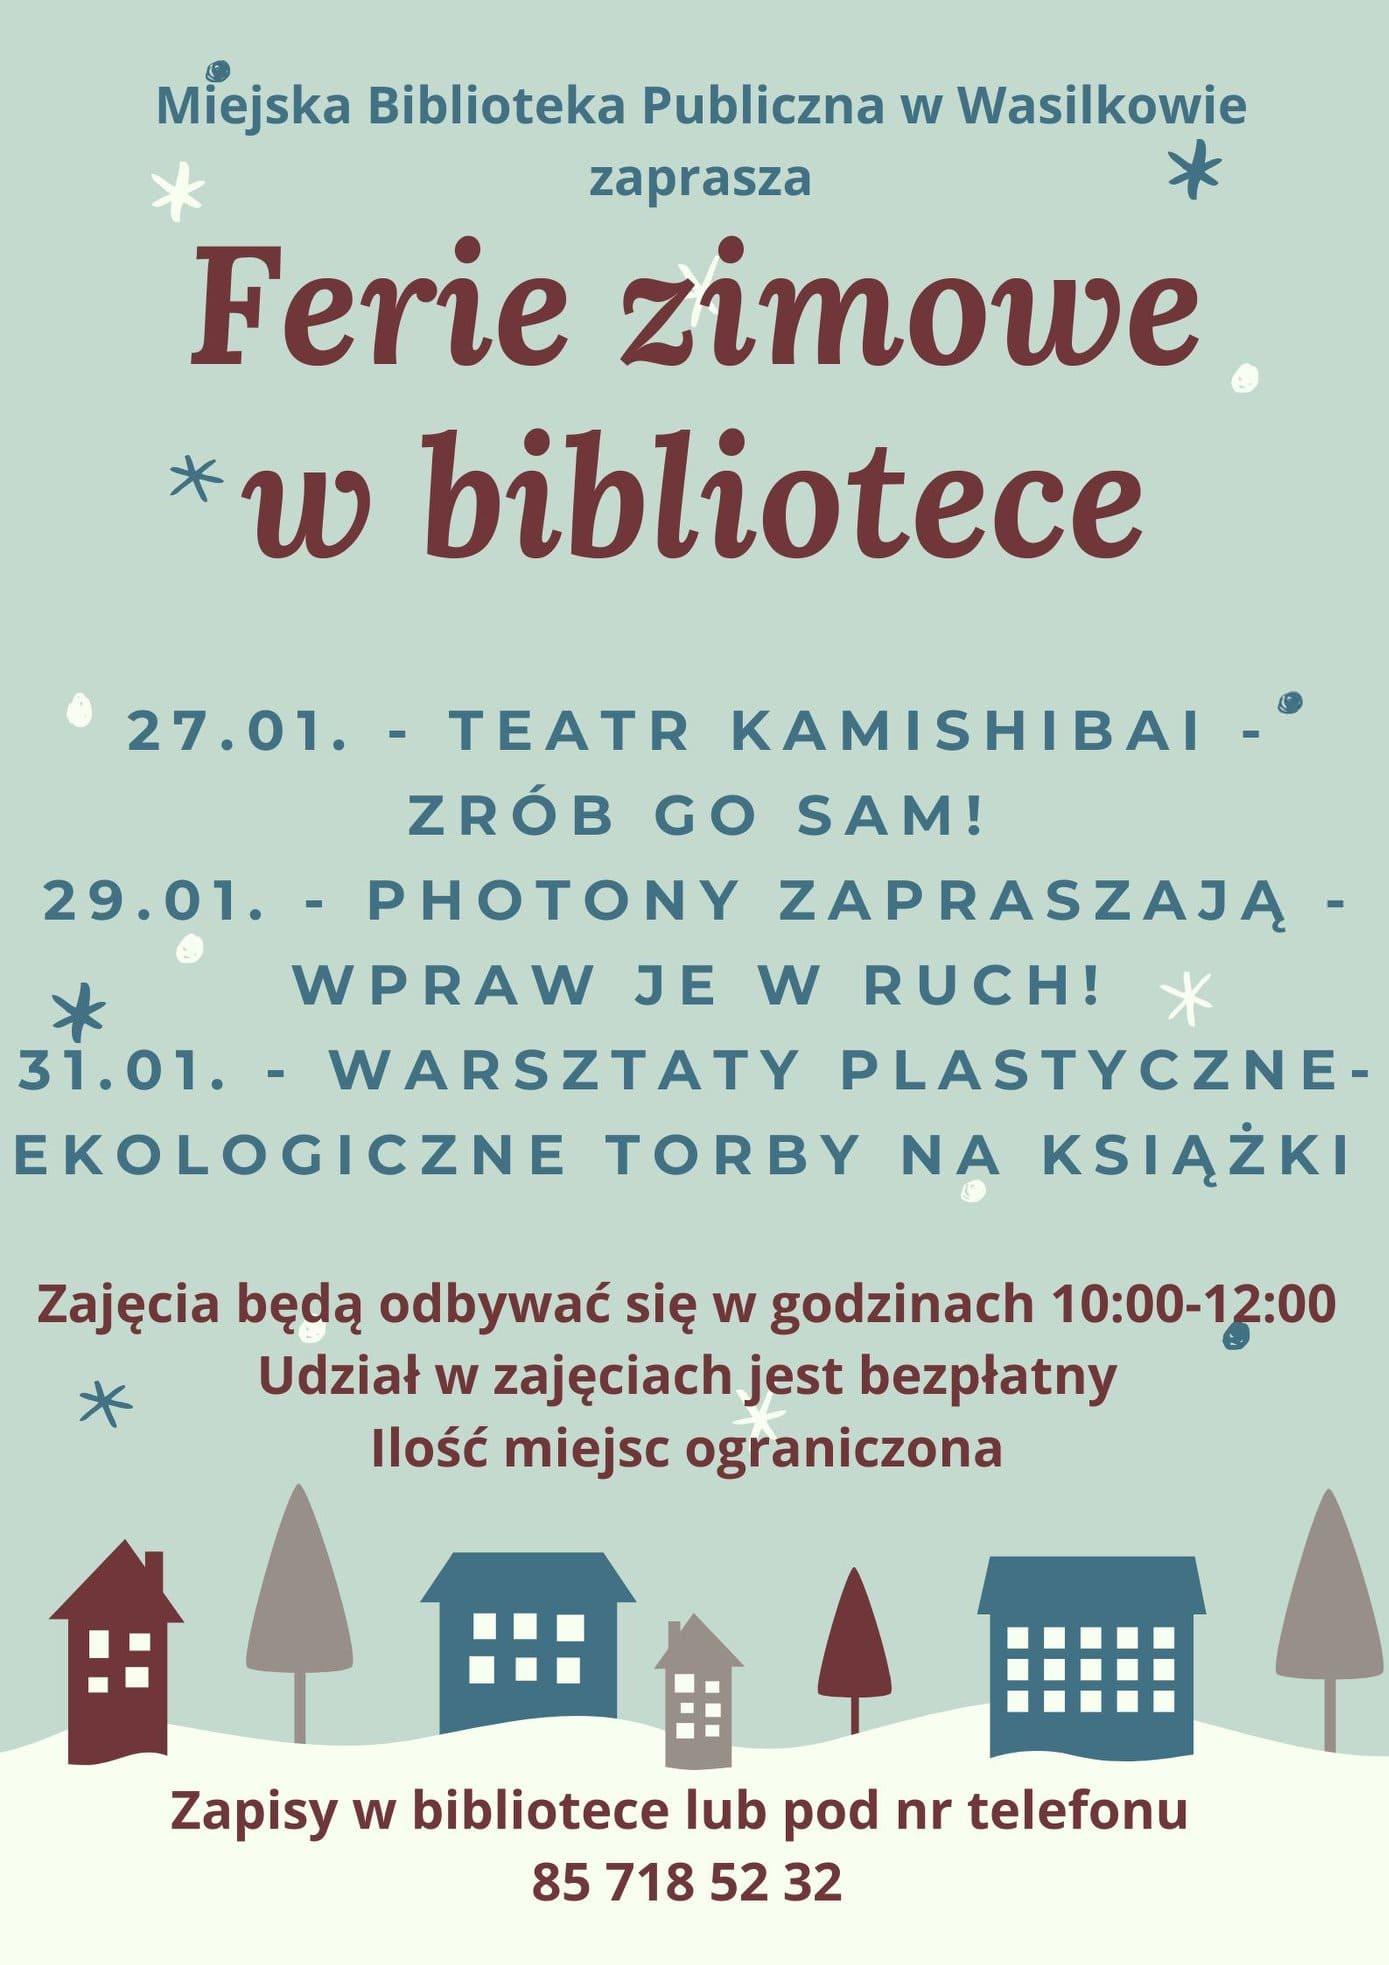 plakat reklamujący ferie zimowe w bibliotece